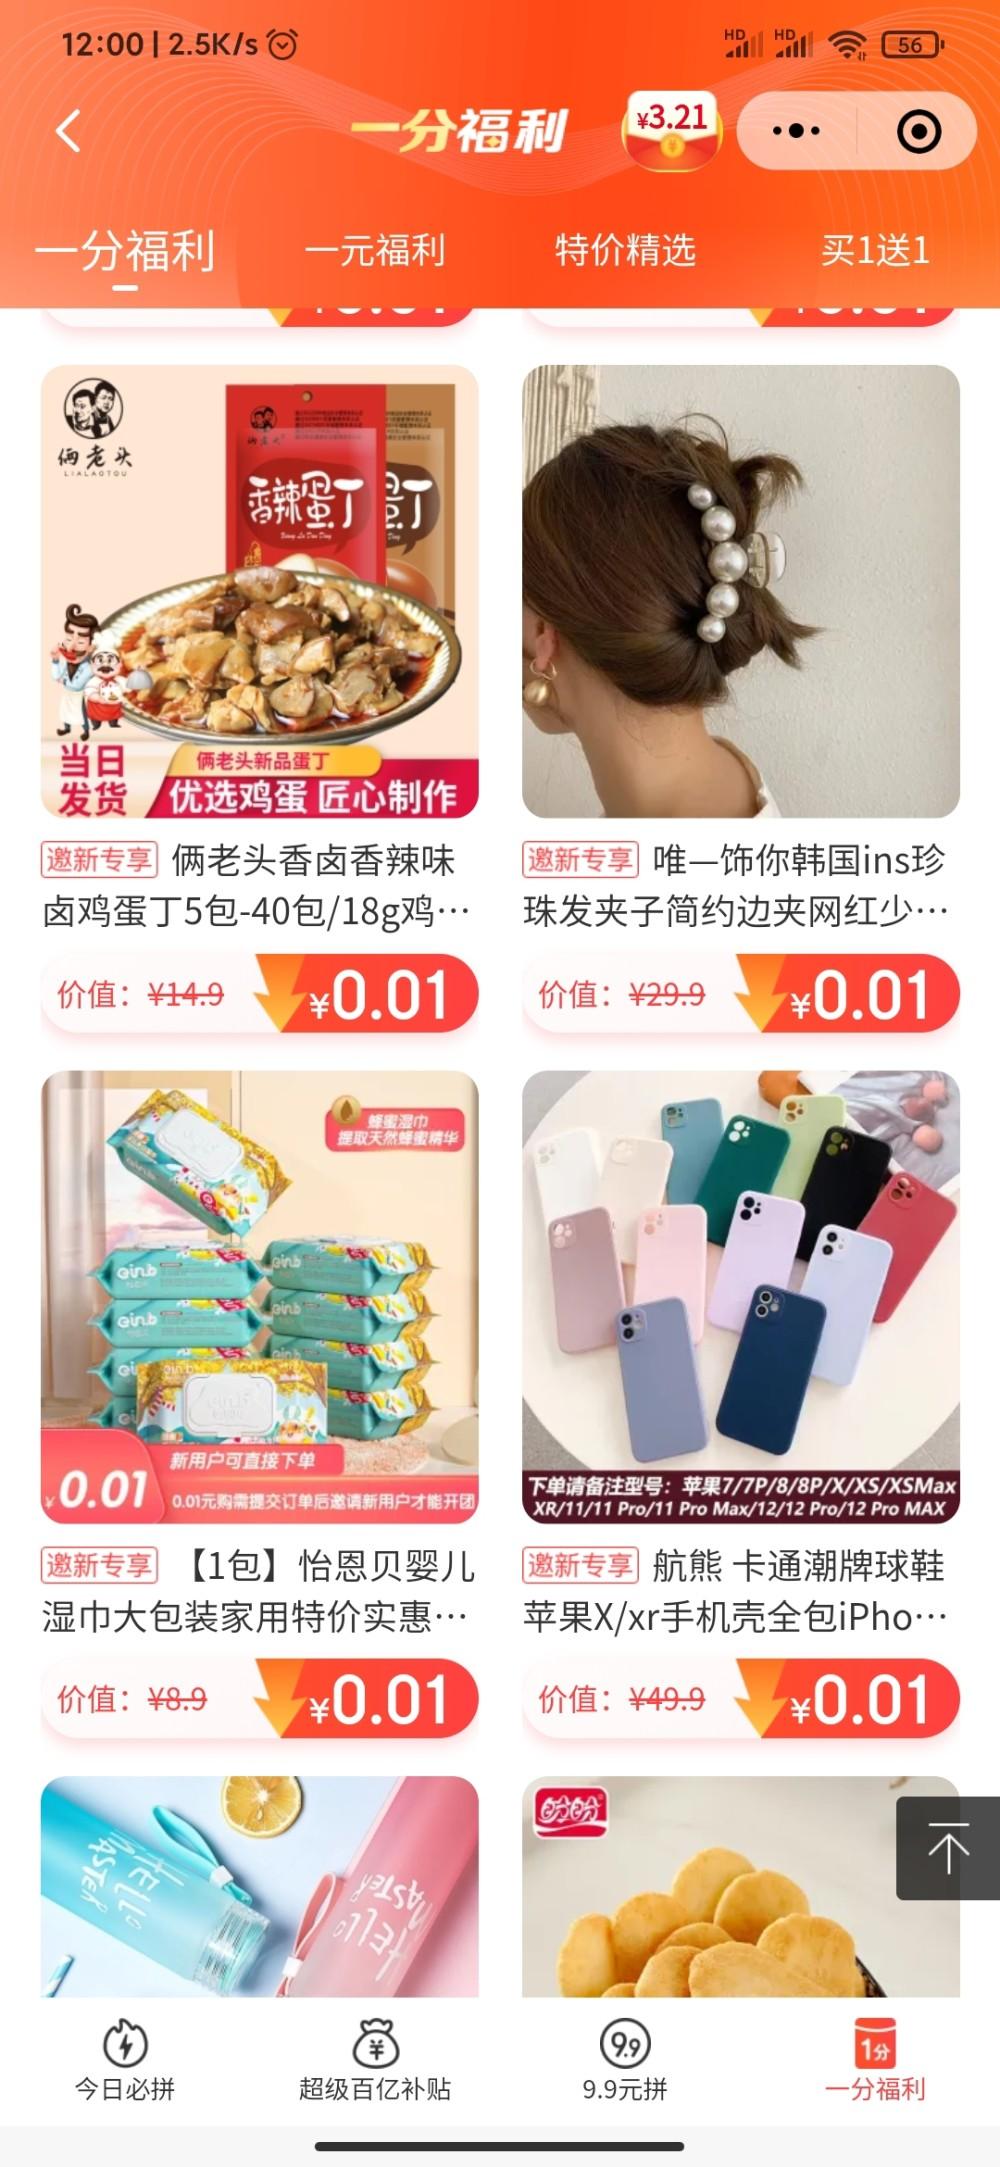 图片[2]-[撸实物]京喜一分购物-飞享资源网